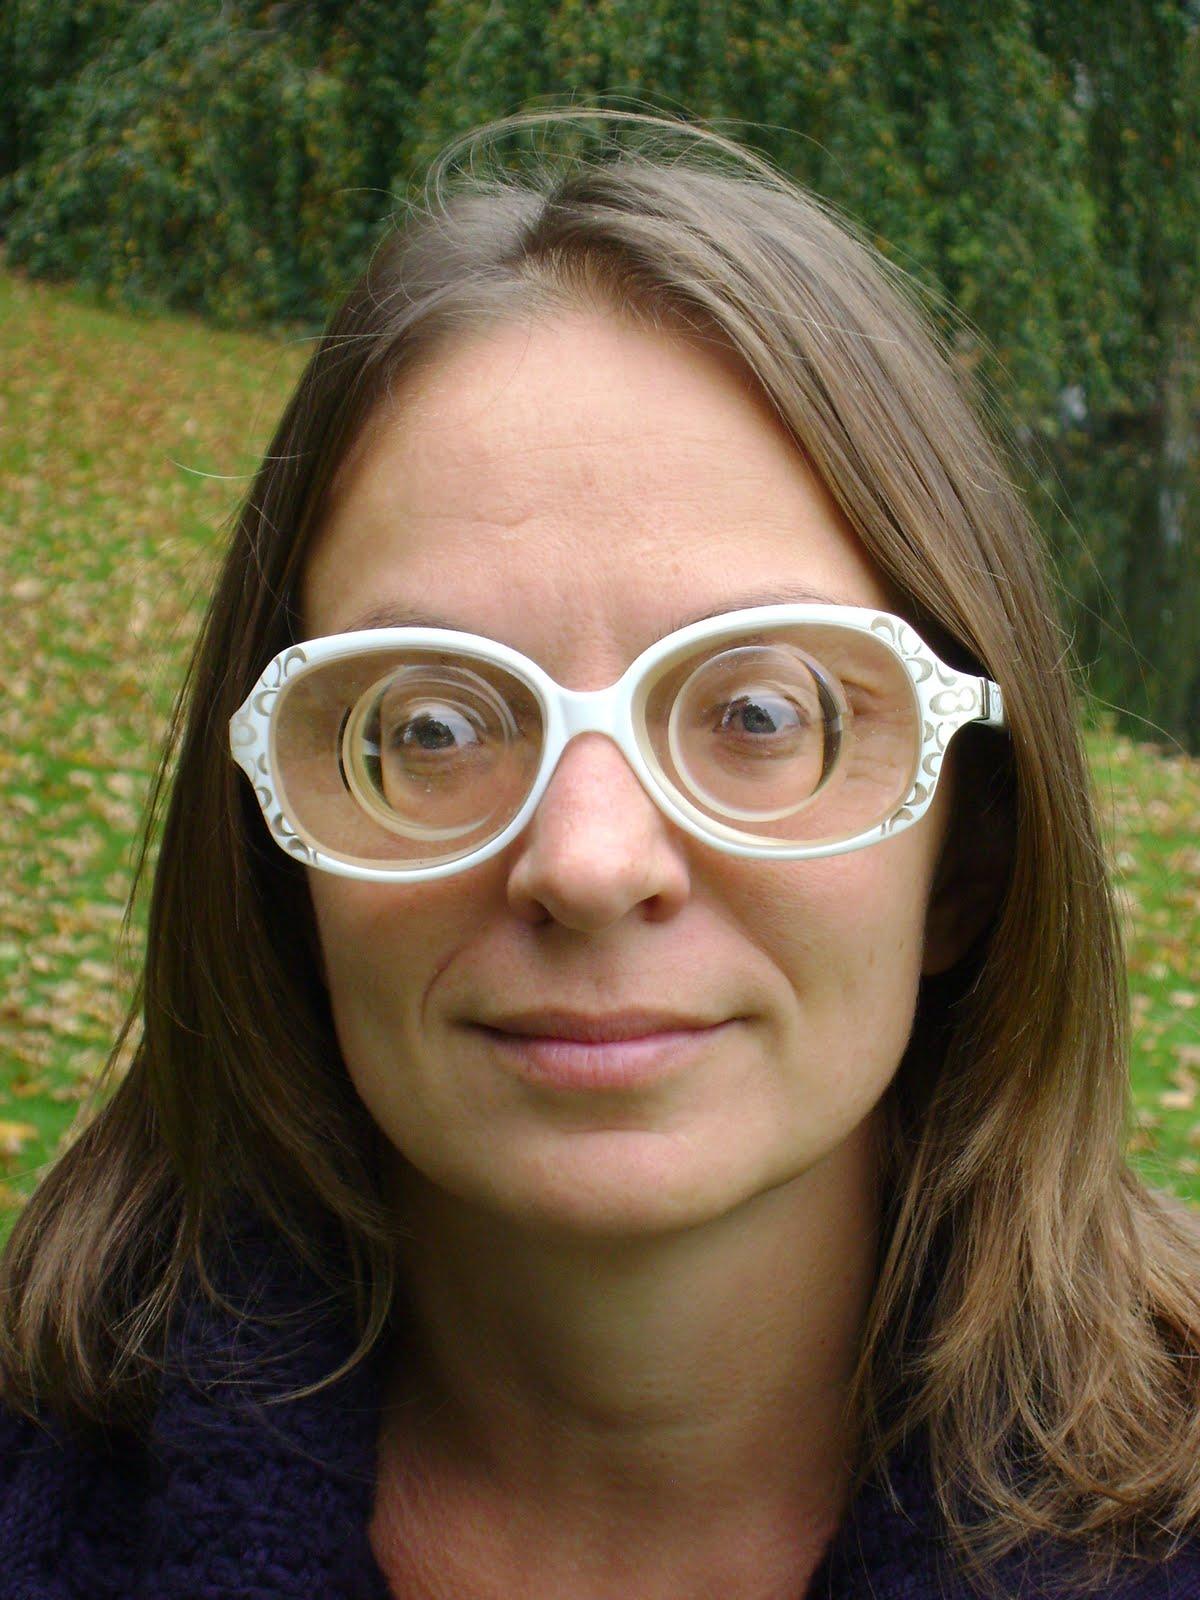 Blended Lenticular Lenses Glasses